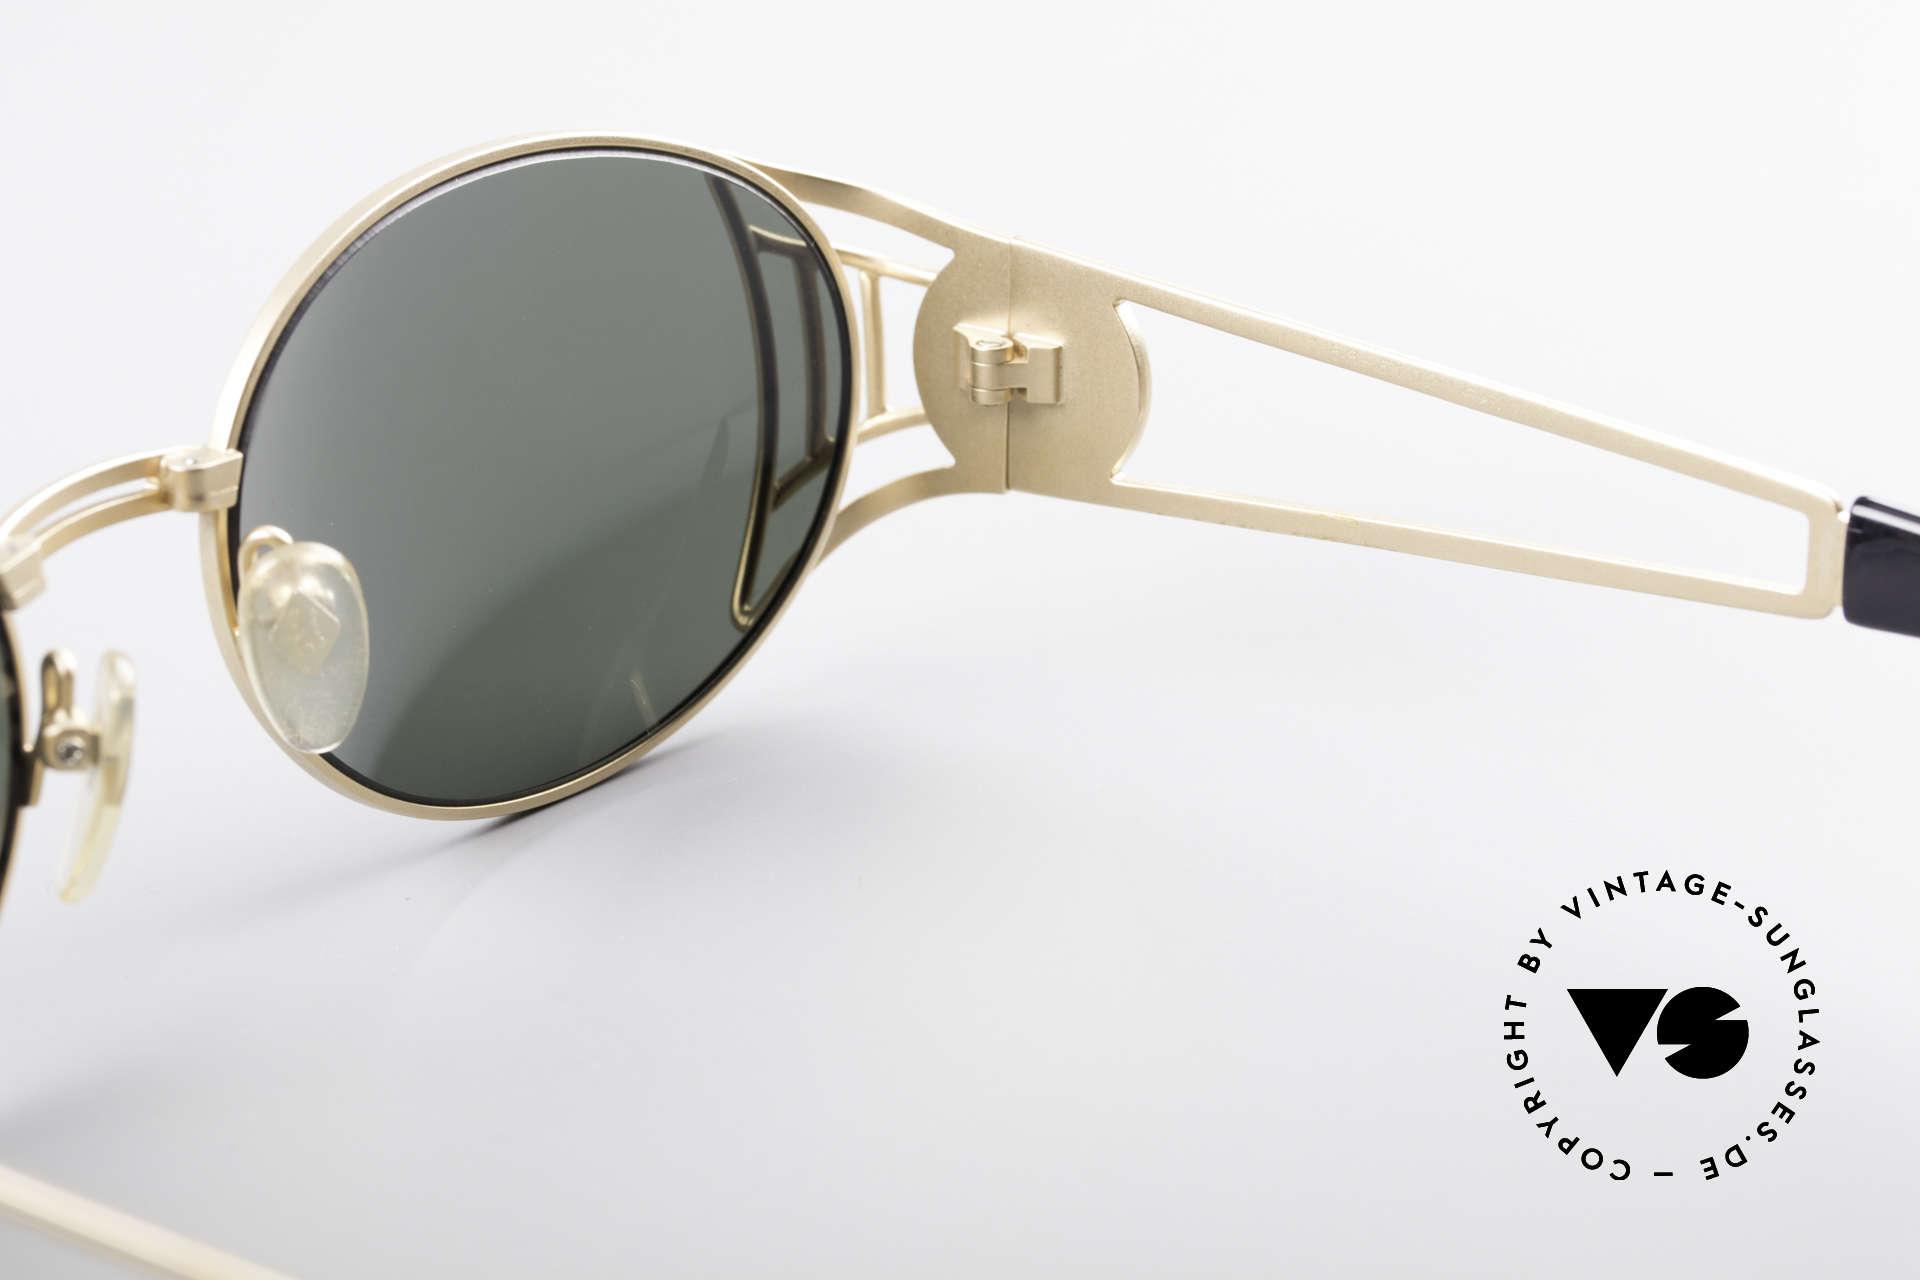 Jean Paul Gaultier 58-6102 Steampunk Designer Brille, ungetragen (wie alle unsere Gaultier Sonnenbrillen), Passend für Herren und Damen